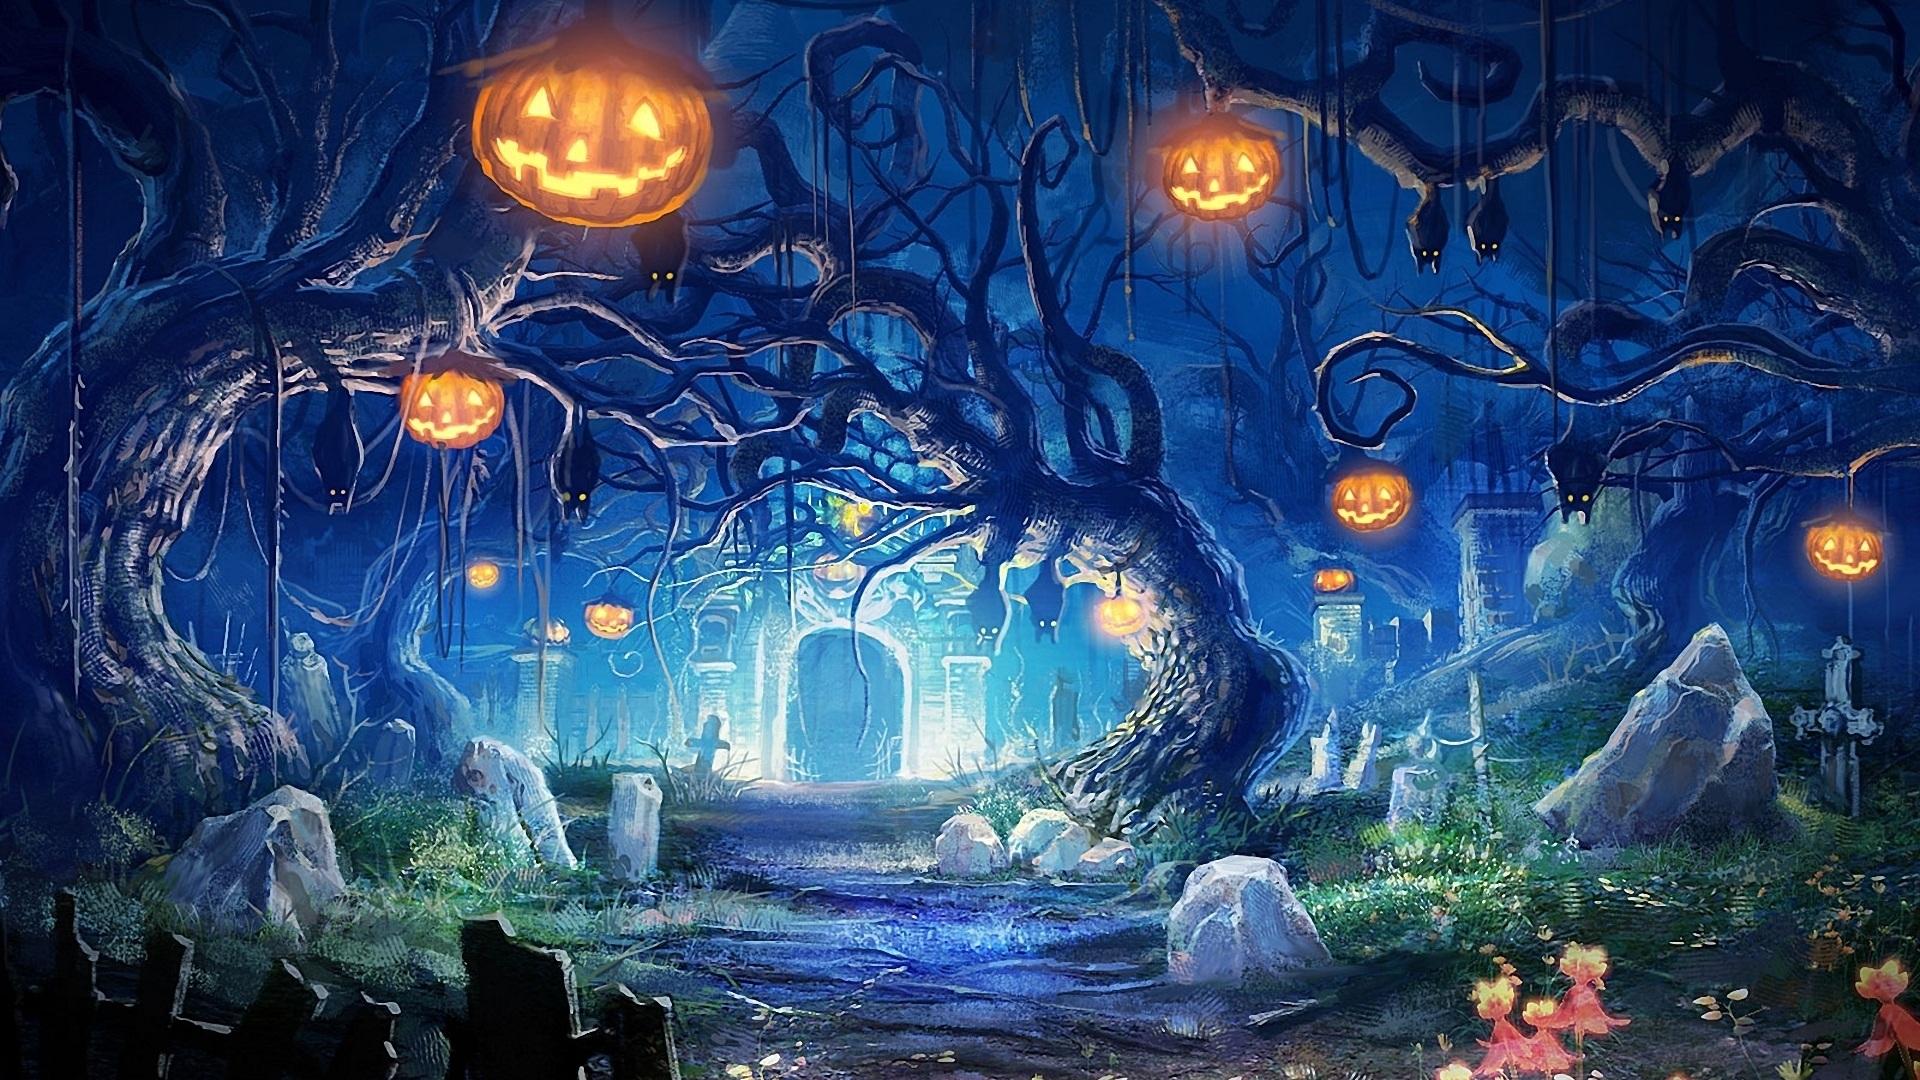 image - halloween in the cemetery | skylanders fan wiki | fandom